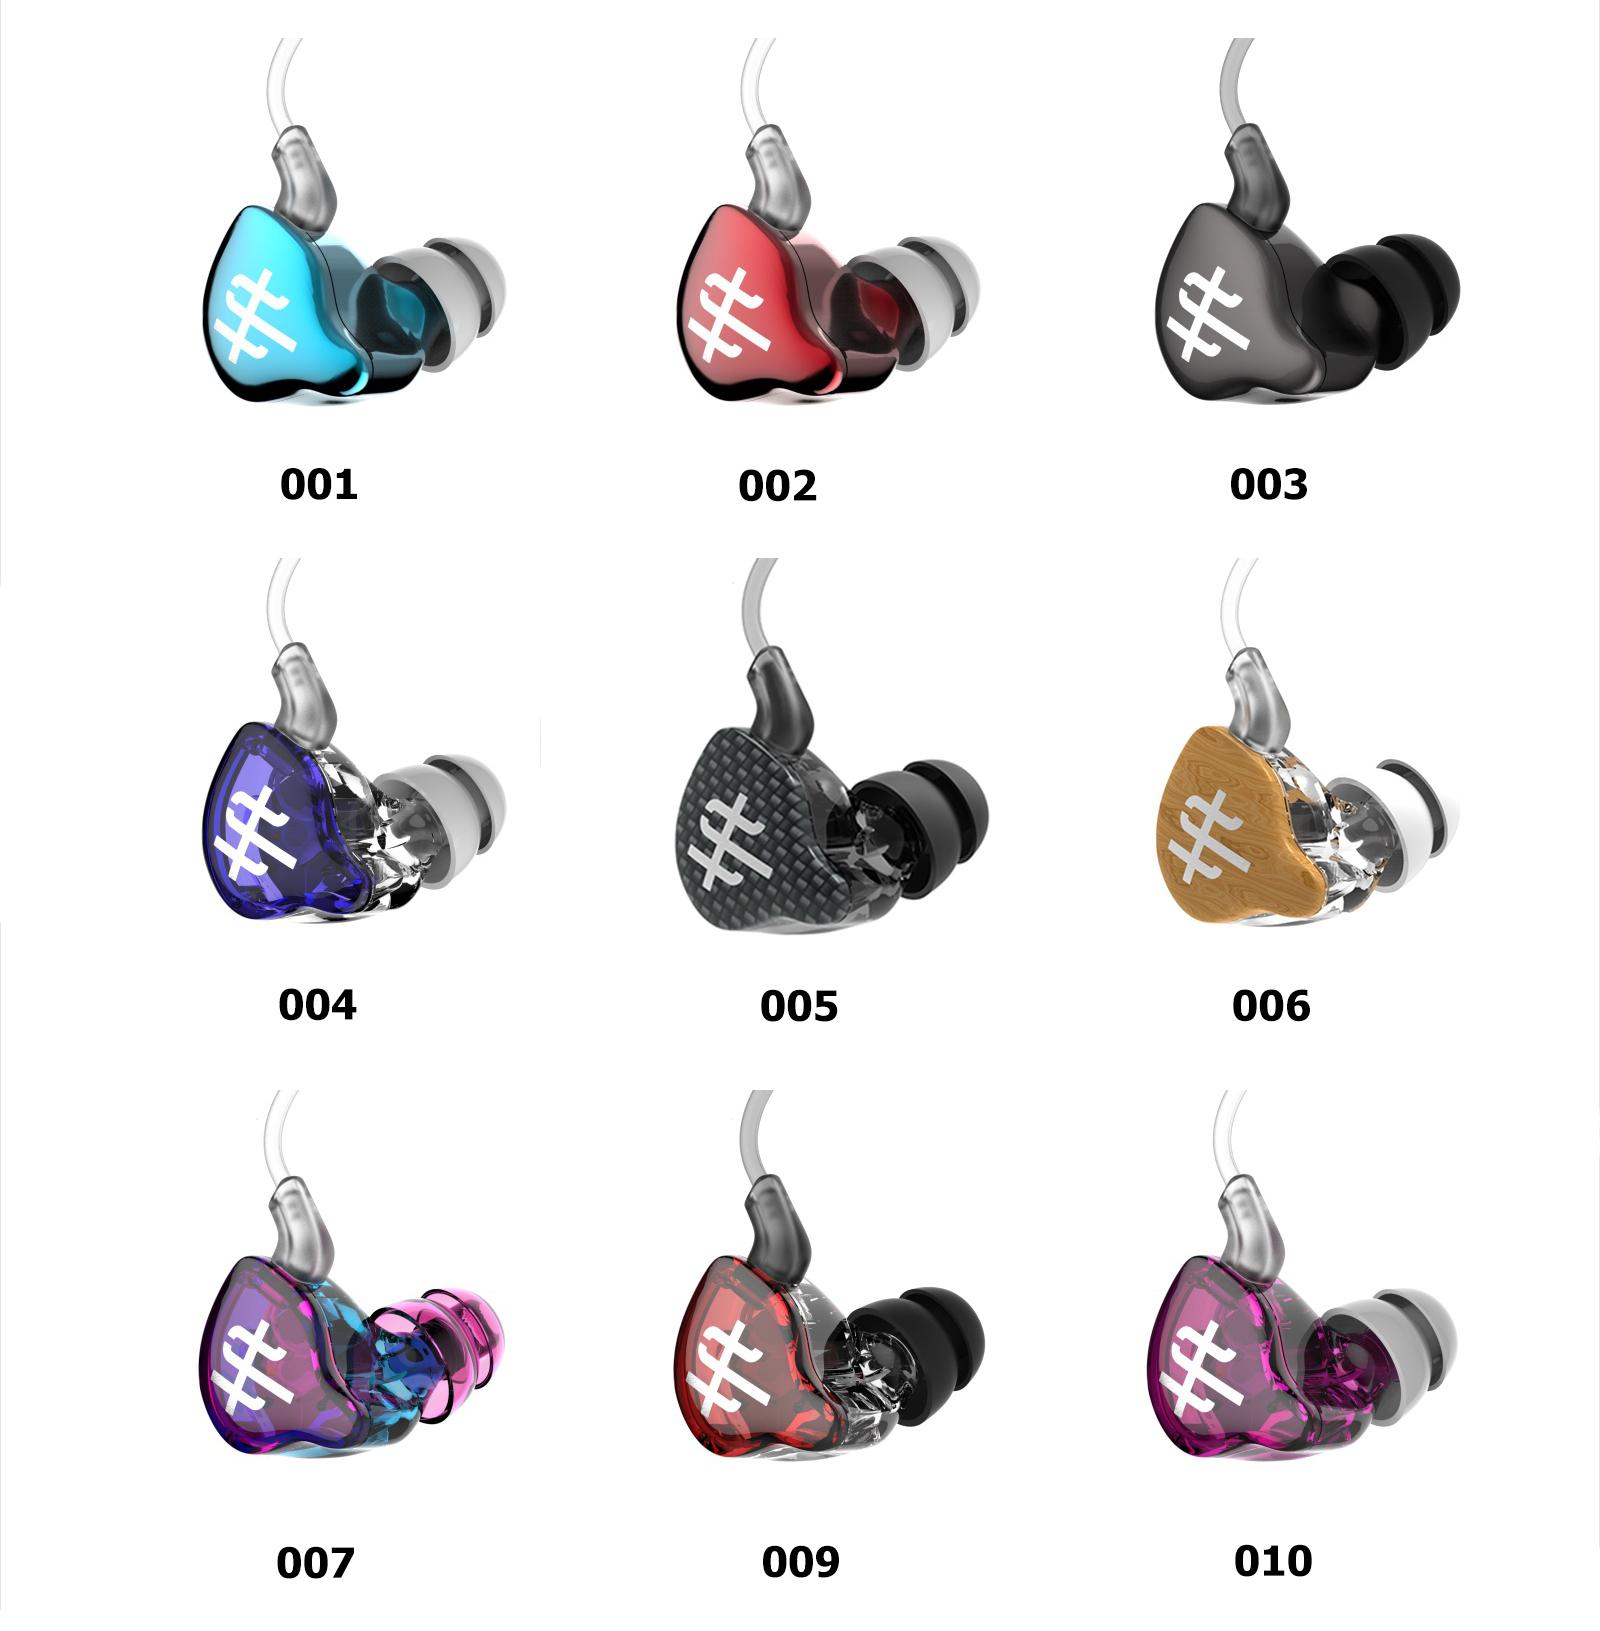 ขายหูฟัง TFZ Series 1S หูฟัง IEM รุ่นล่าสุด บอดี้ metailic สายฉนวนใสแบบใหม่ ประกัน1ปี